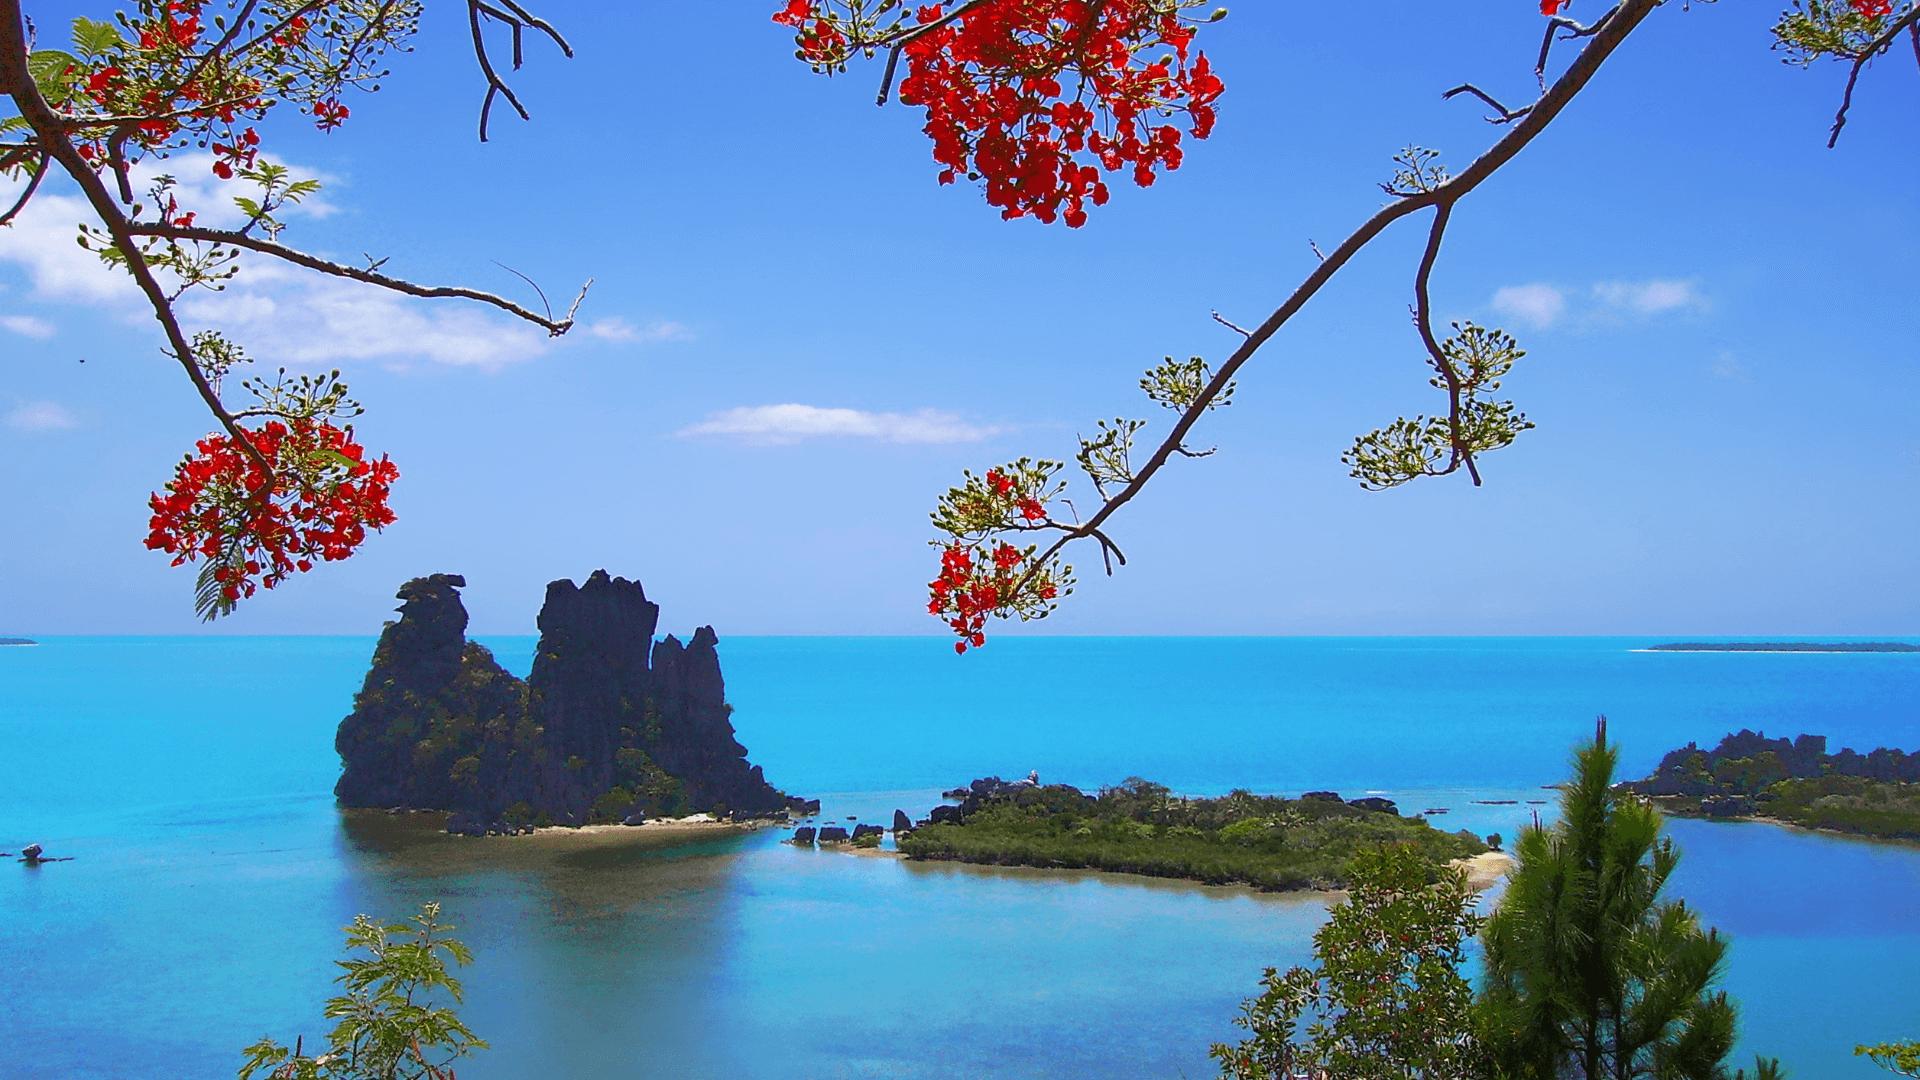 Avustralya'nın Yanında Bir Minicik Fransız Adası, Yeni Kaledonya